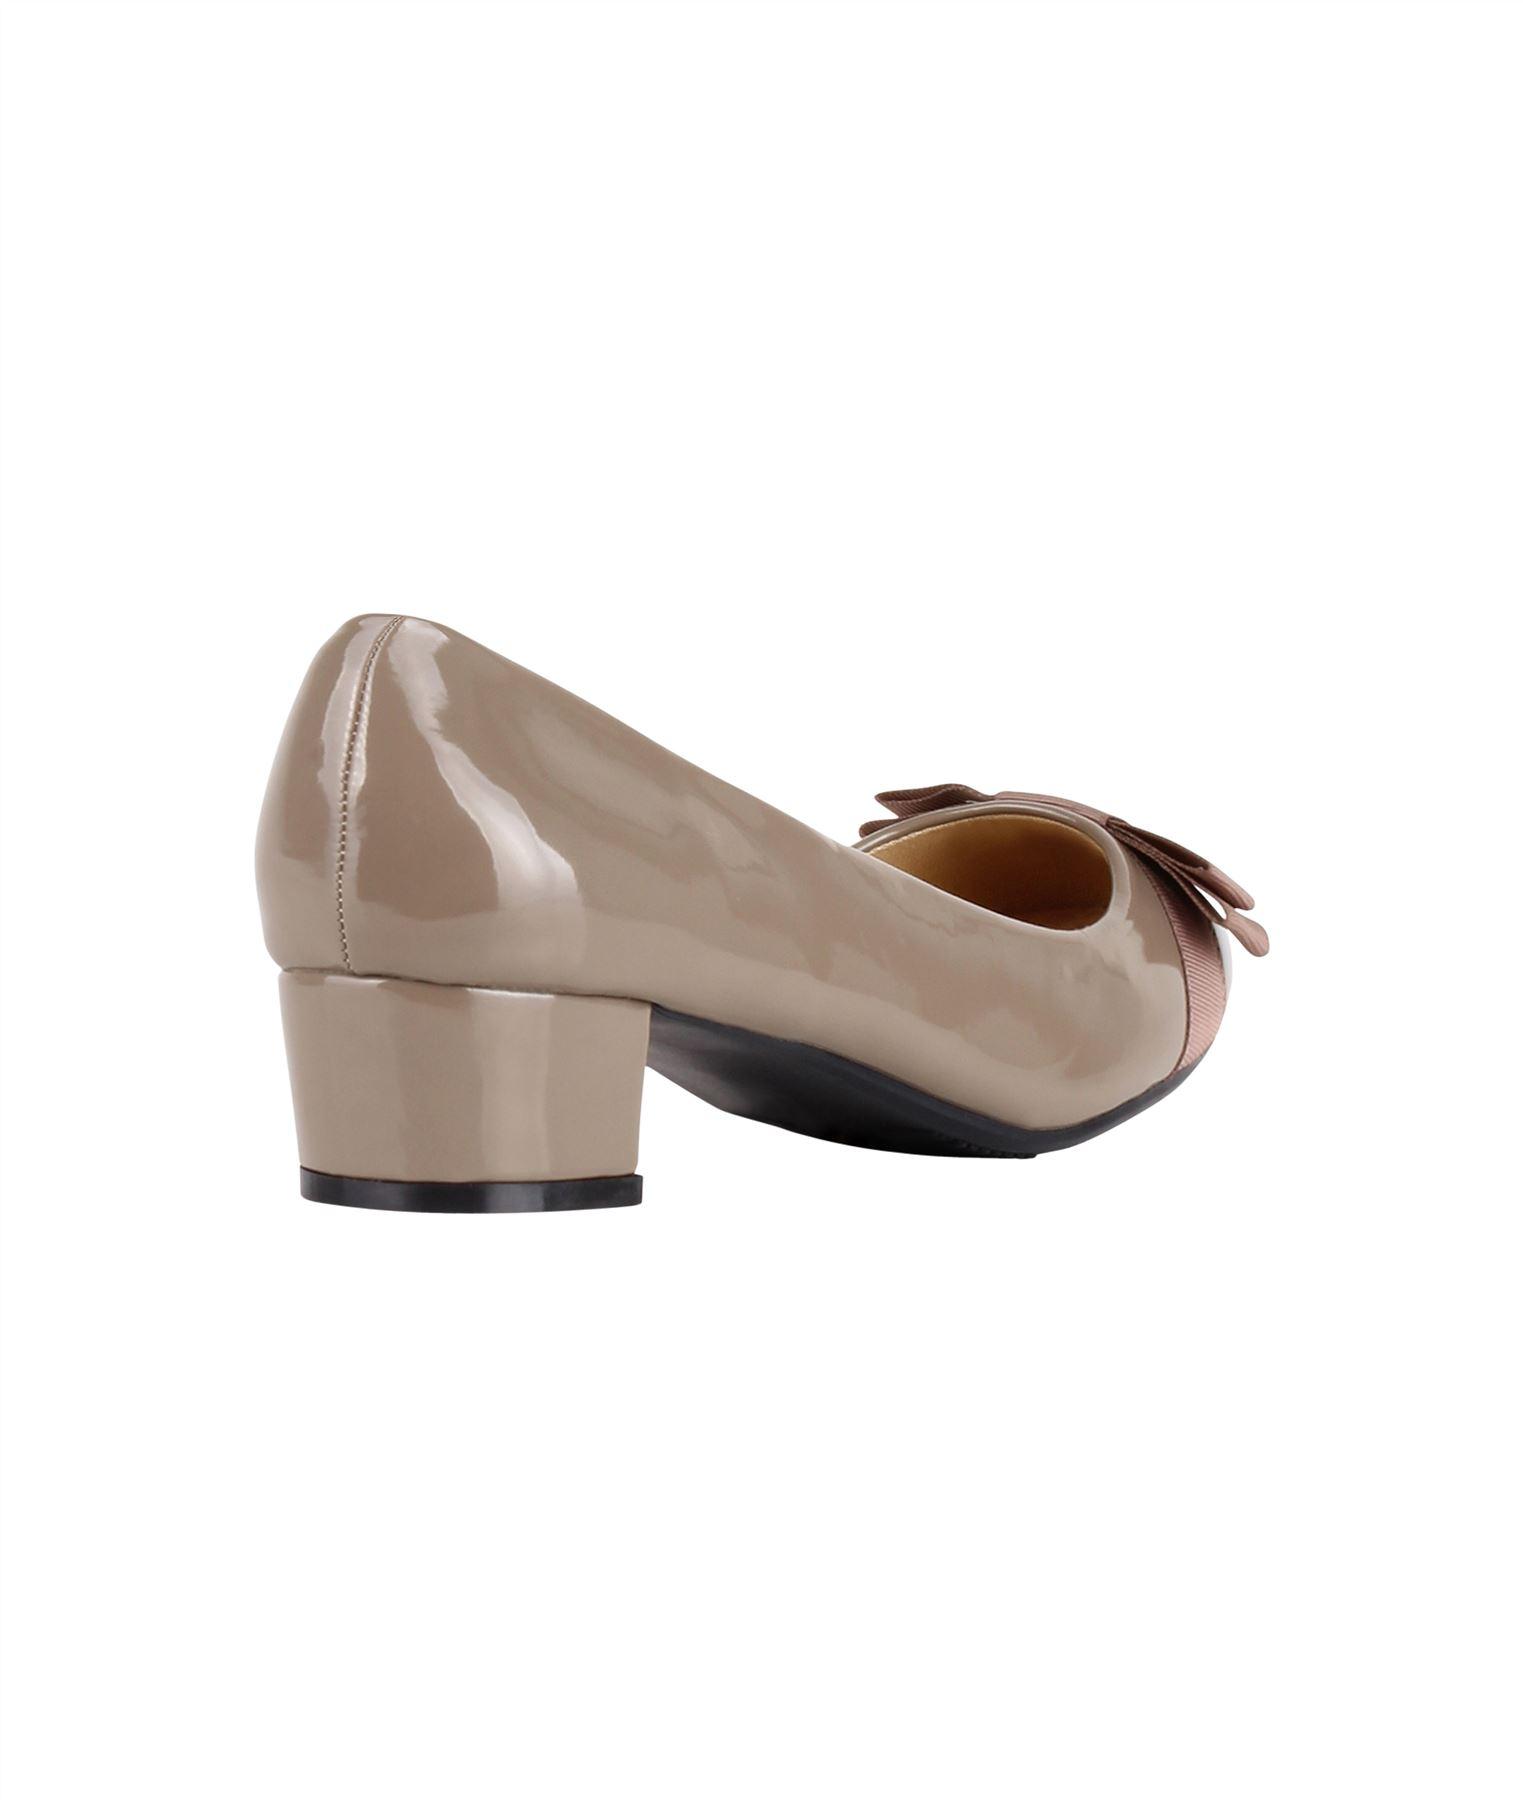 Damen-Elegante-Absatzschuhe-Hochlganz-Pumps-Blockabsatz-Ballerina-Schuhe-Chic Indexbild 15